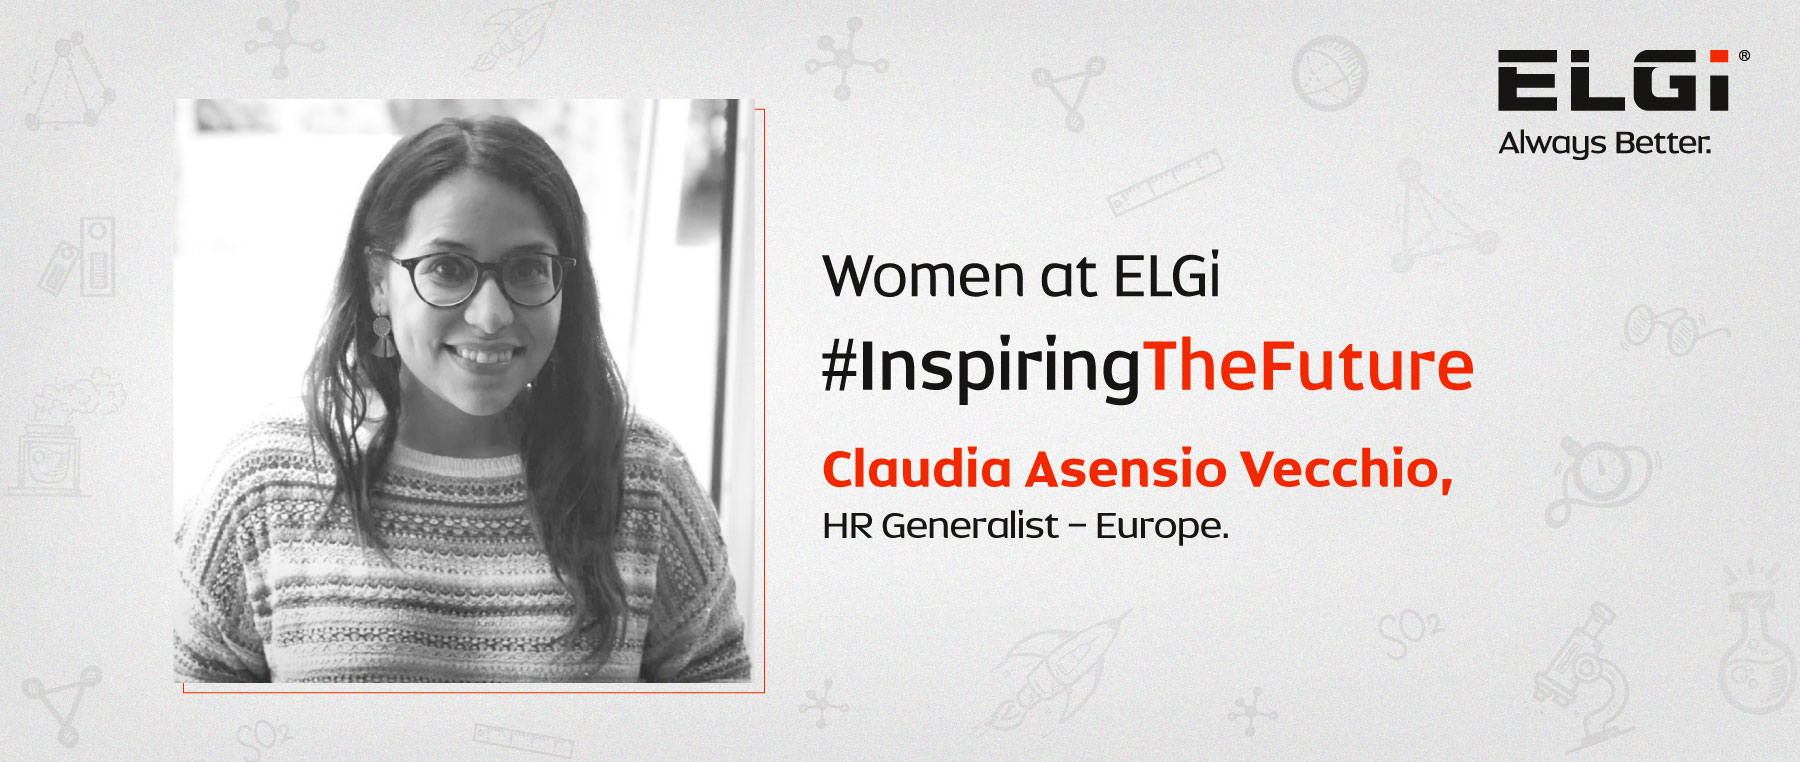 Women at ELGi #InspiringTheFuture – Claudia Asensio Vecchio